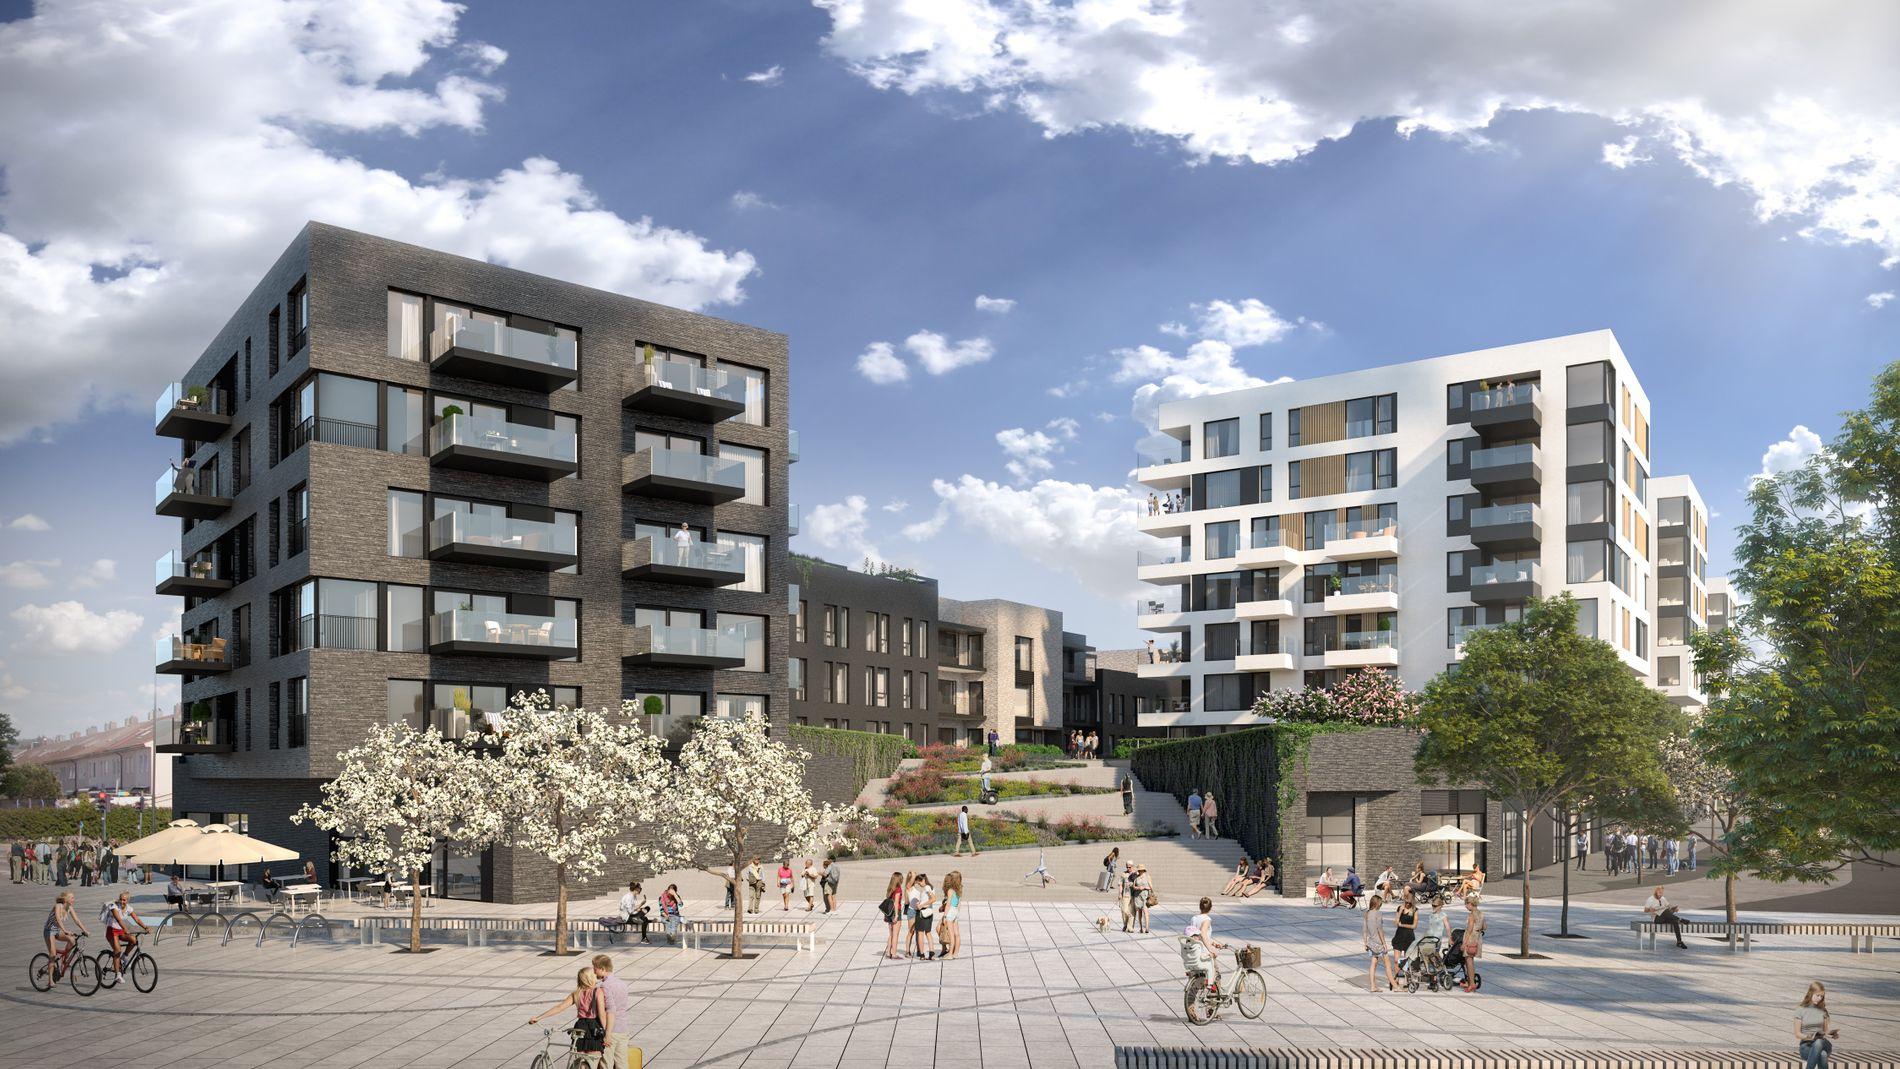 Liv-Marit Løvdal Engbu i Asplan Viak har vært en av arkitektene som har hatt ansvar for utformingen av Marvikssletta på Lund i Kristiansand.